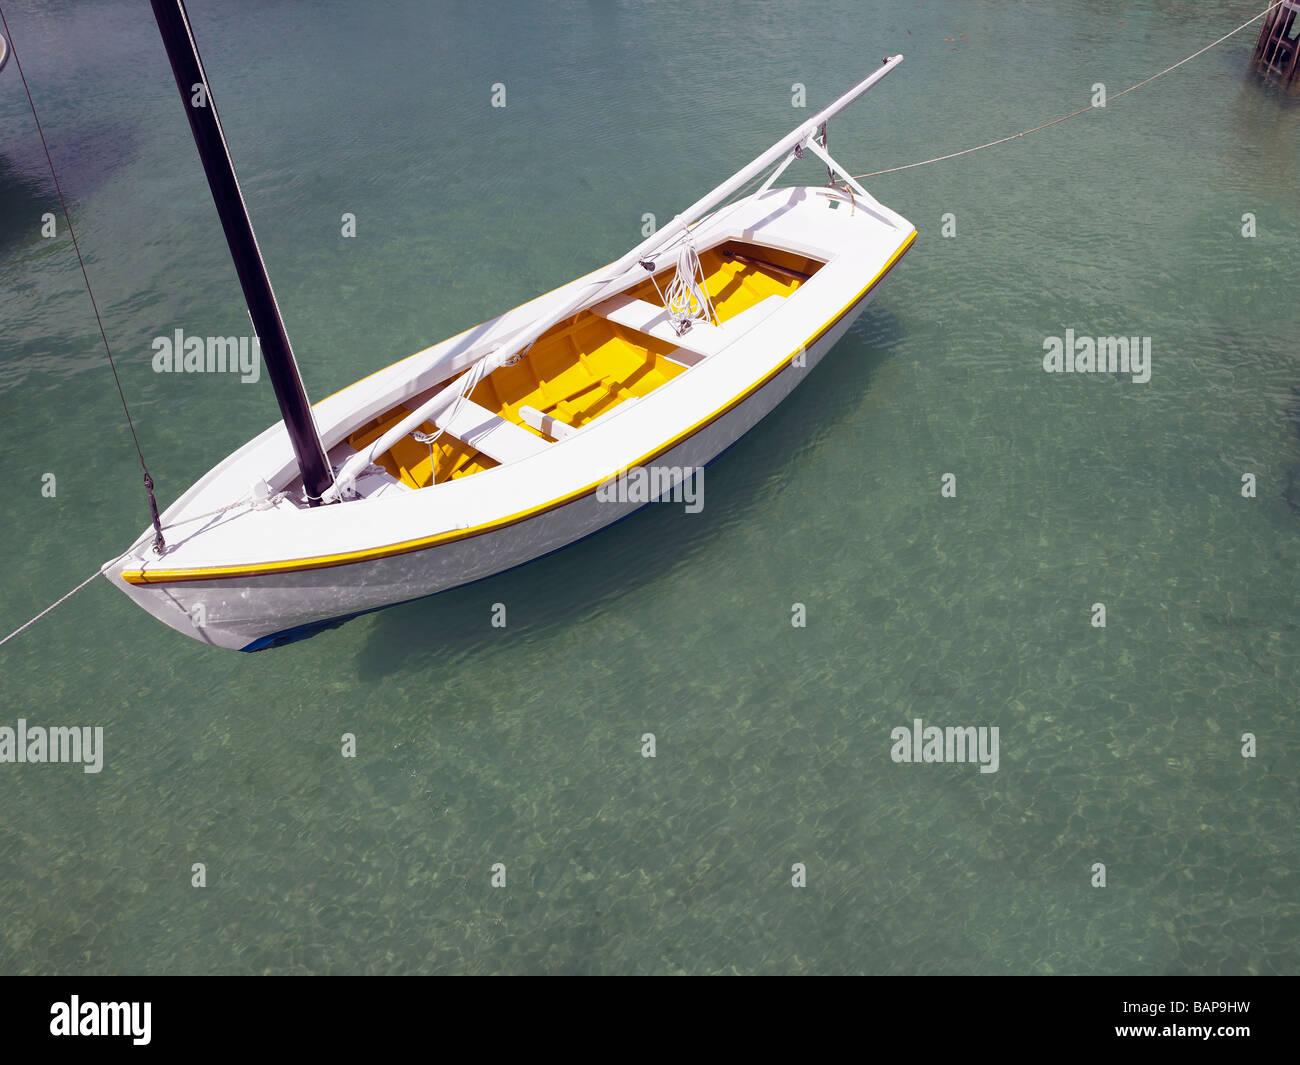 Small Local Built Sailing Boat Hope Town Abacos Bahamas